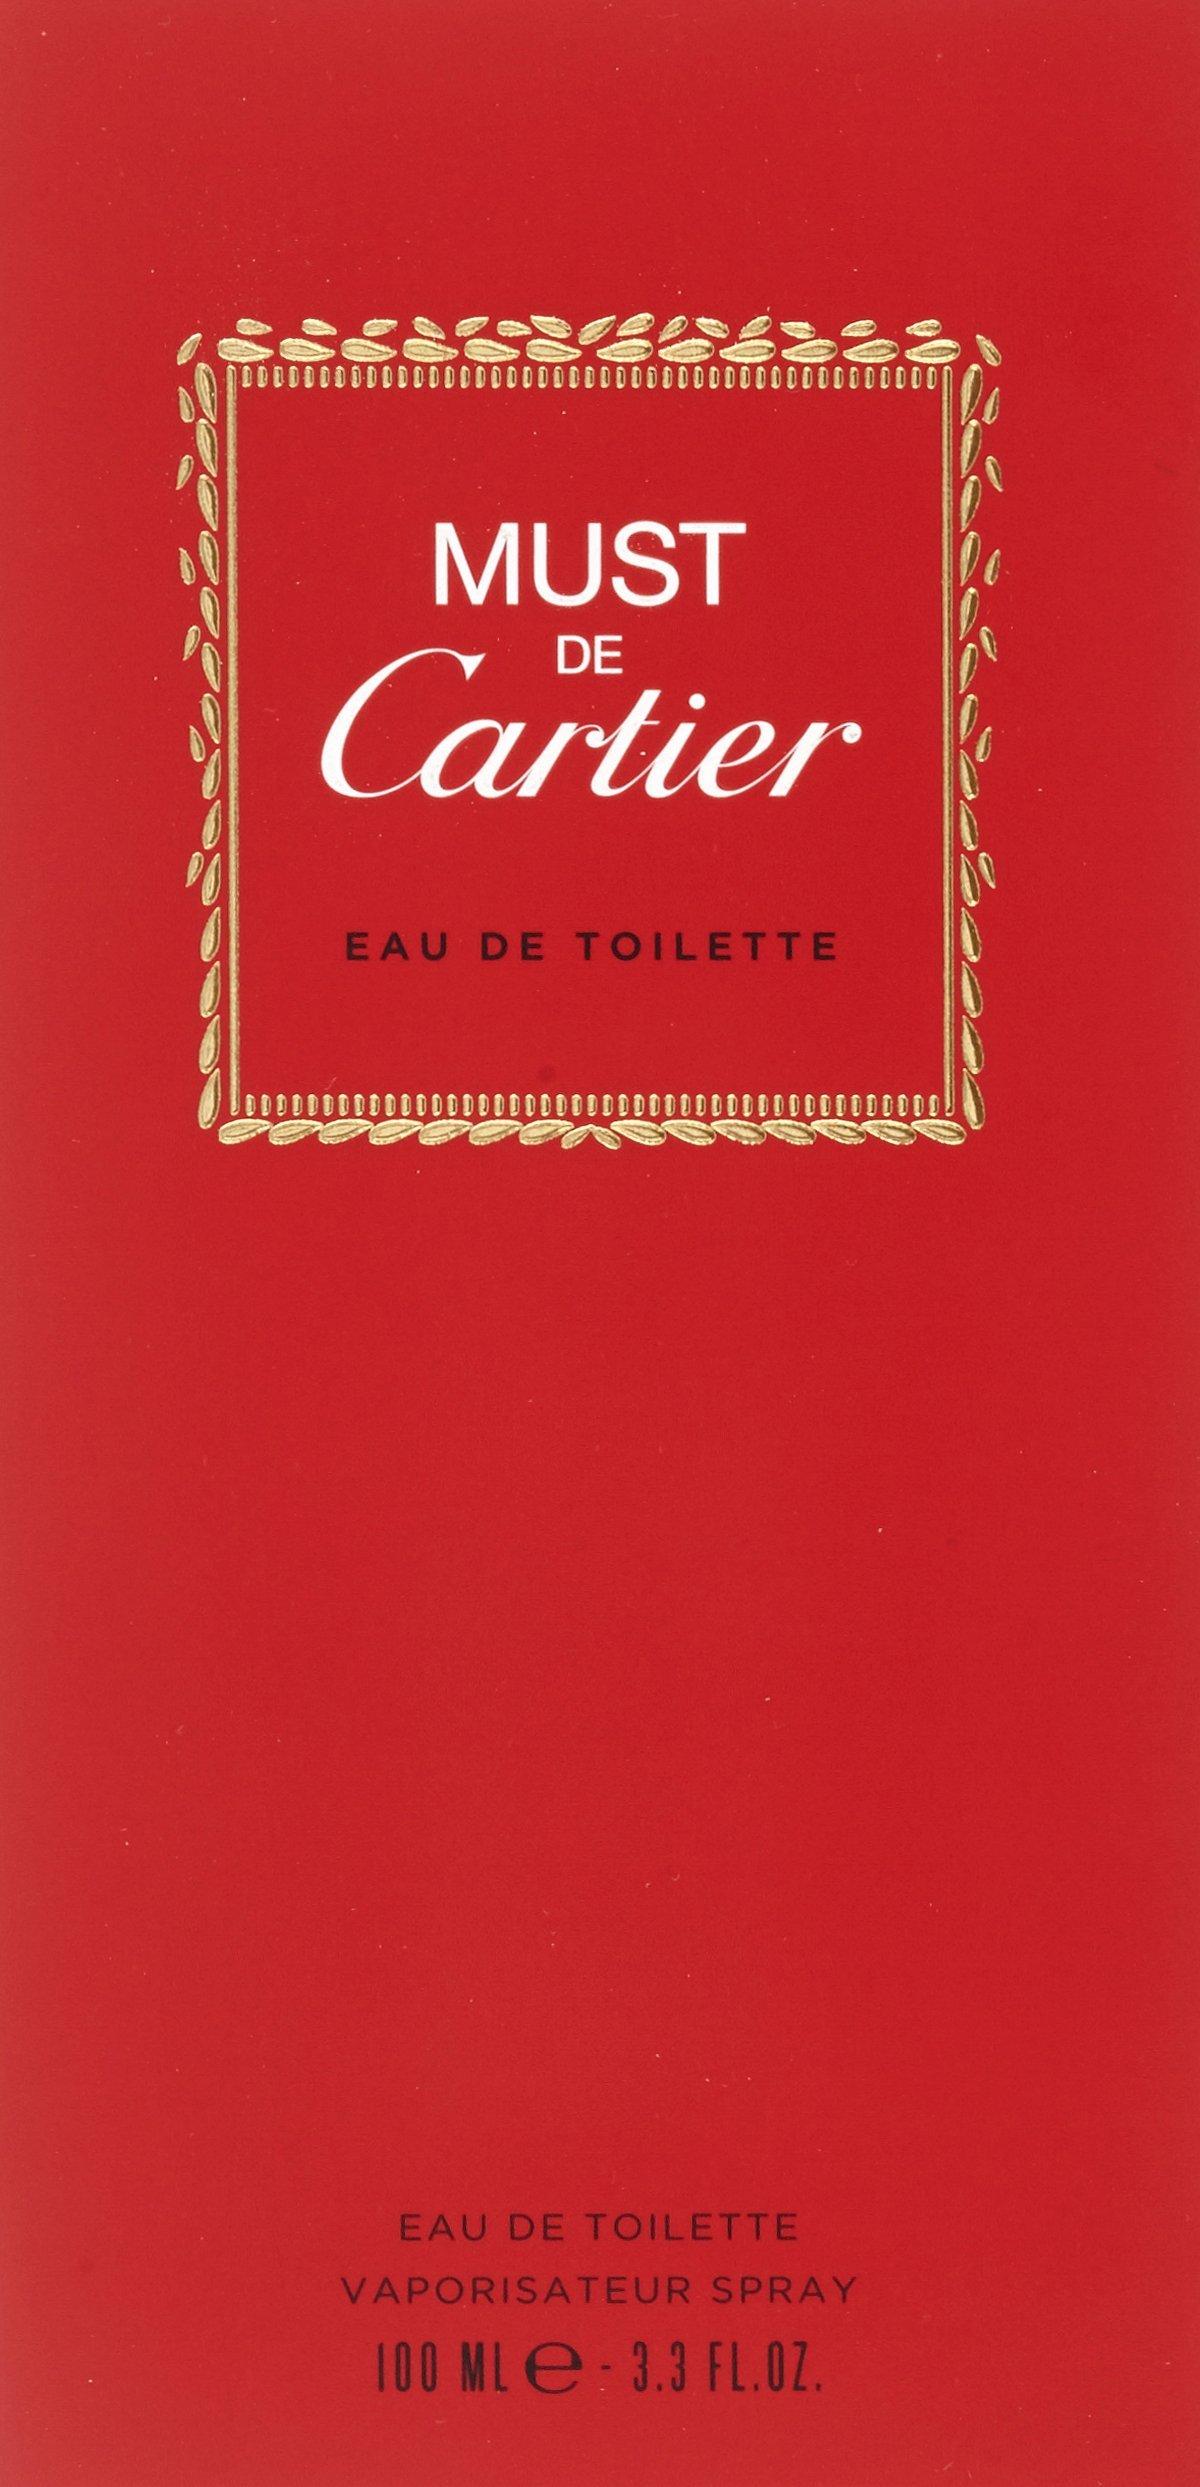 Cartier Women Toilette Spray Packaging